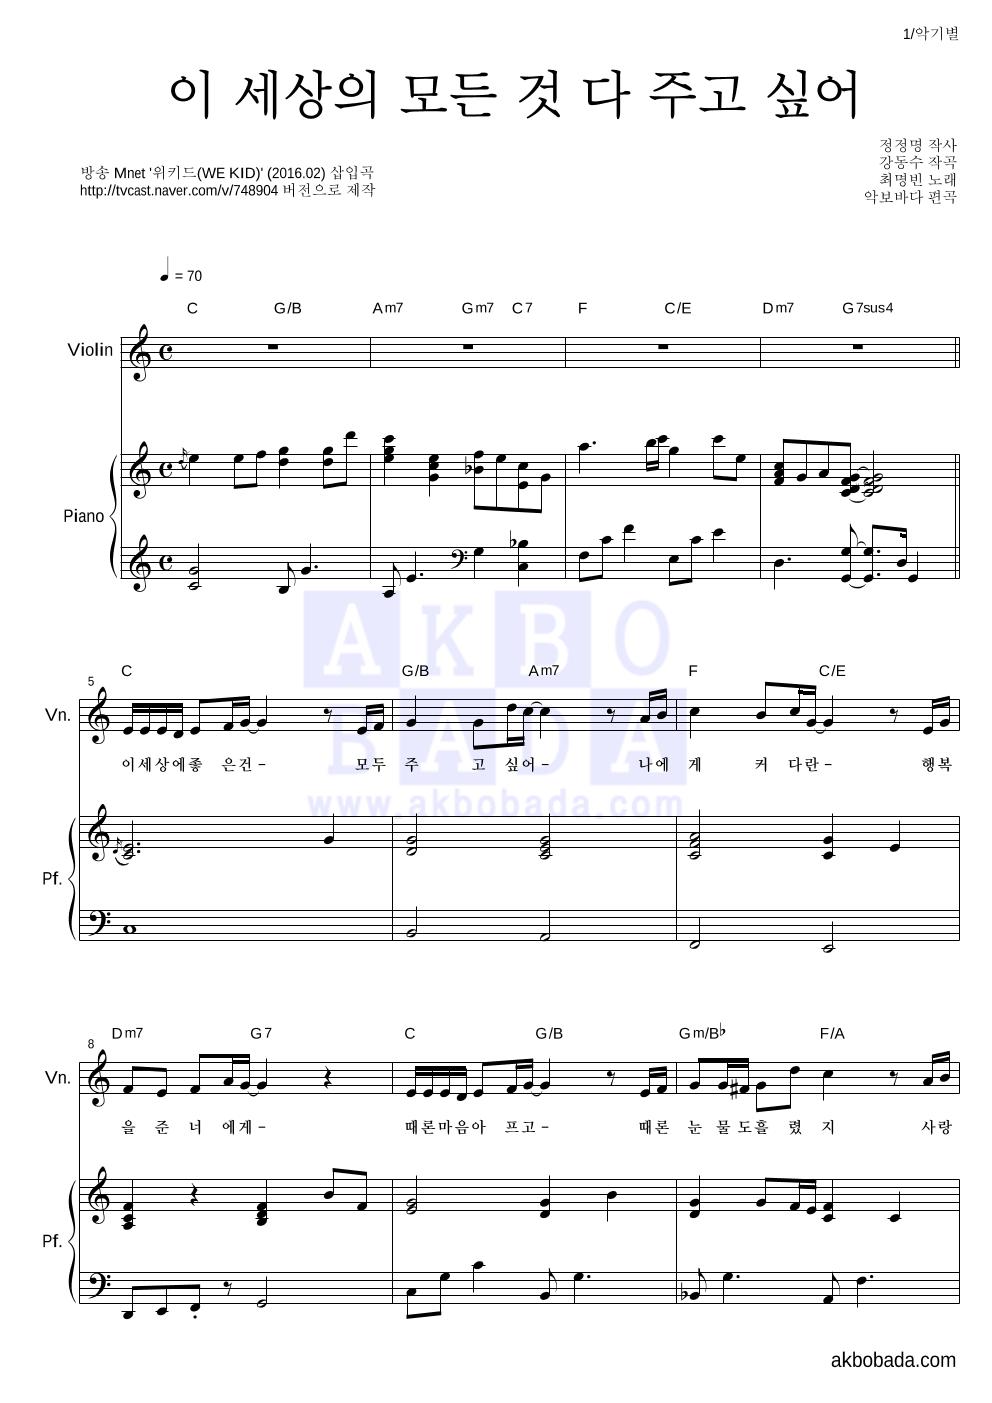 최영빈 - 이 세상의 모든 것 다 주고 싶어 바이올린&피아노 악보